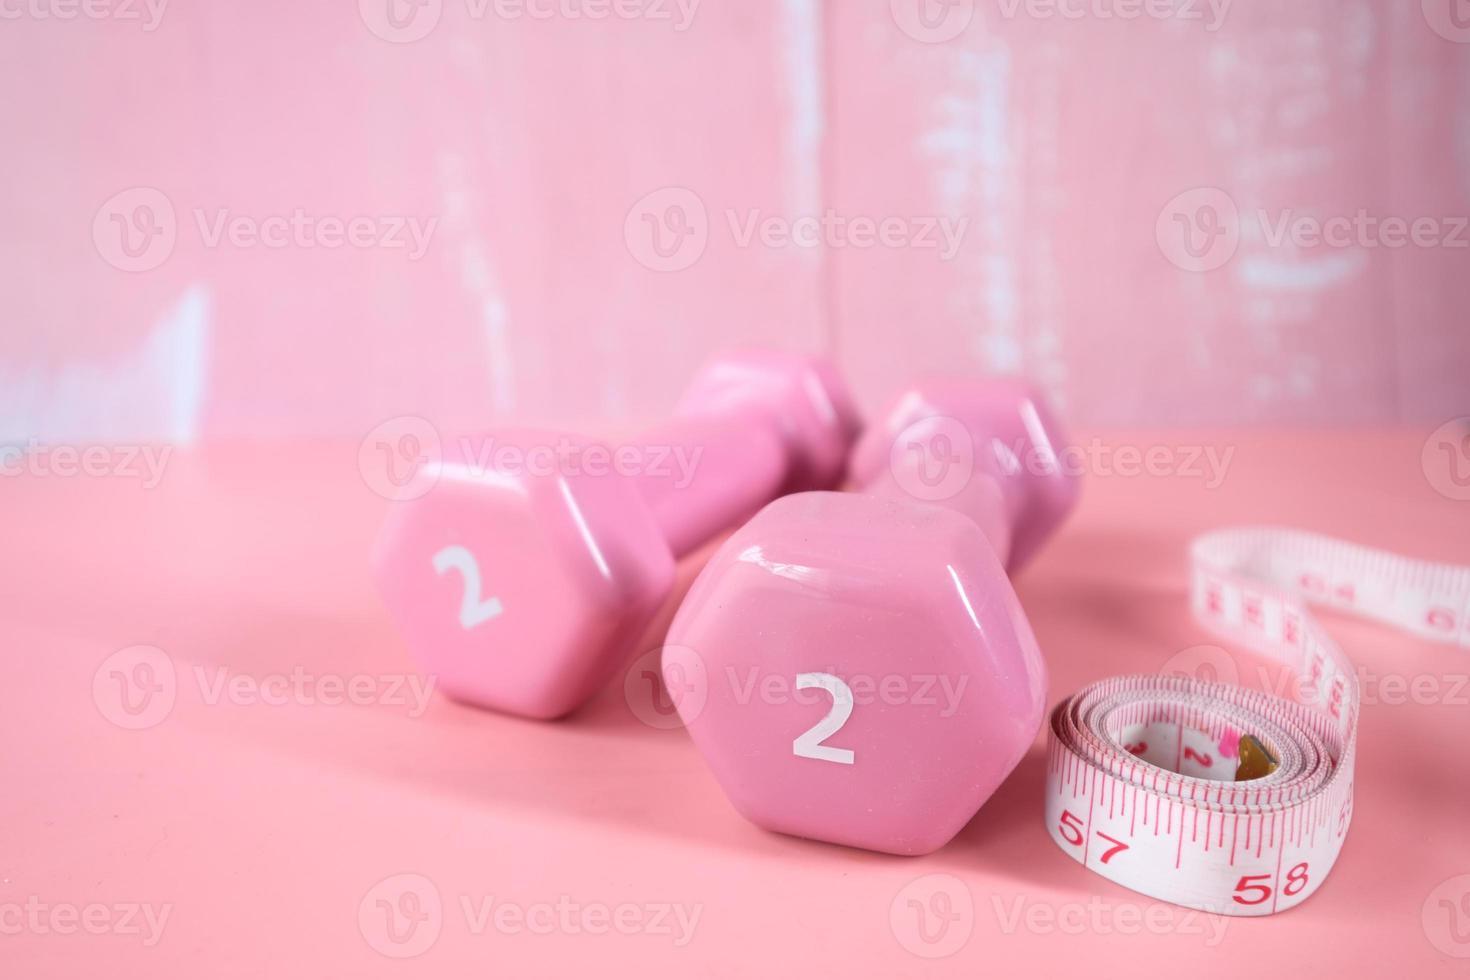 zwei Pfund Hanteln auf rosa Hintergrund foto